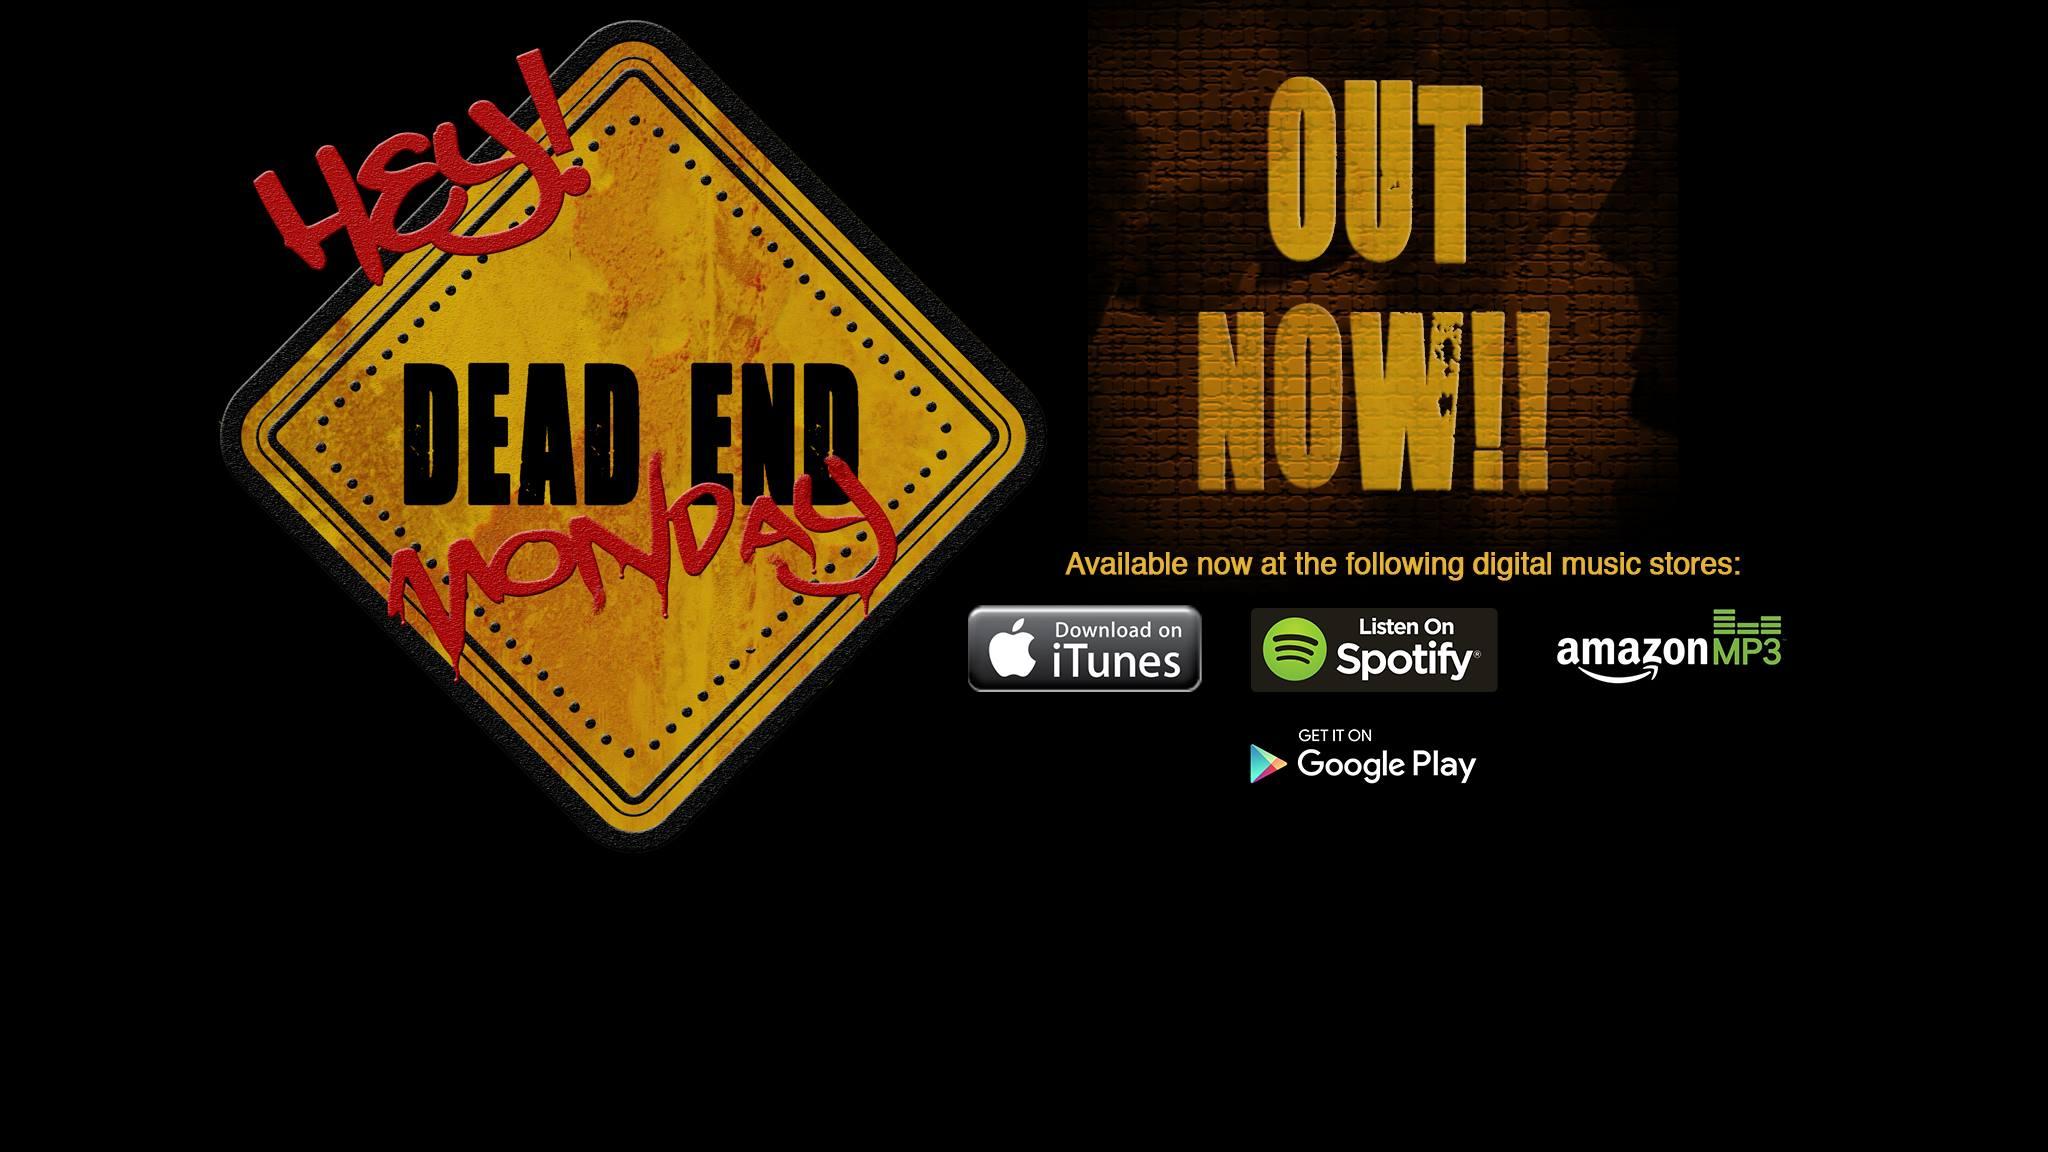 dead end monday